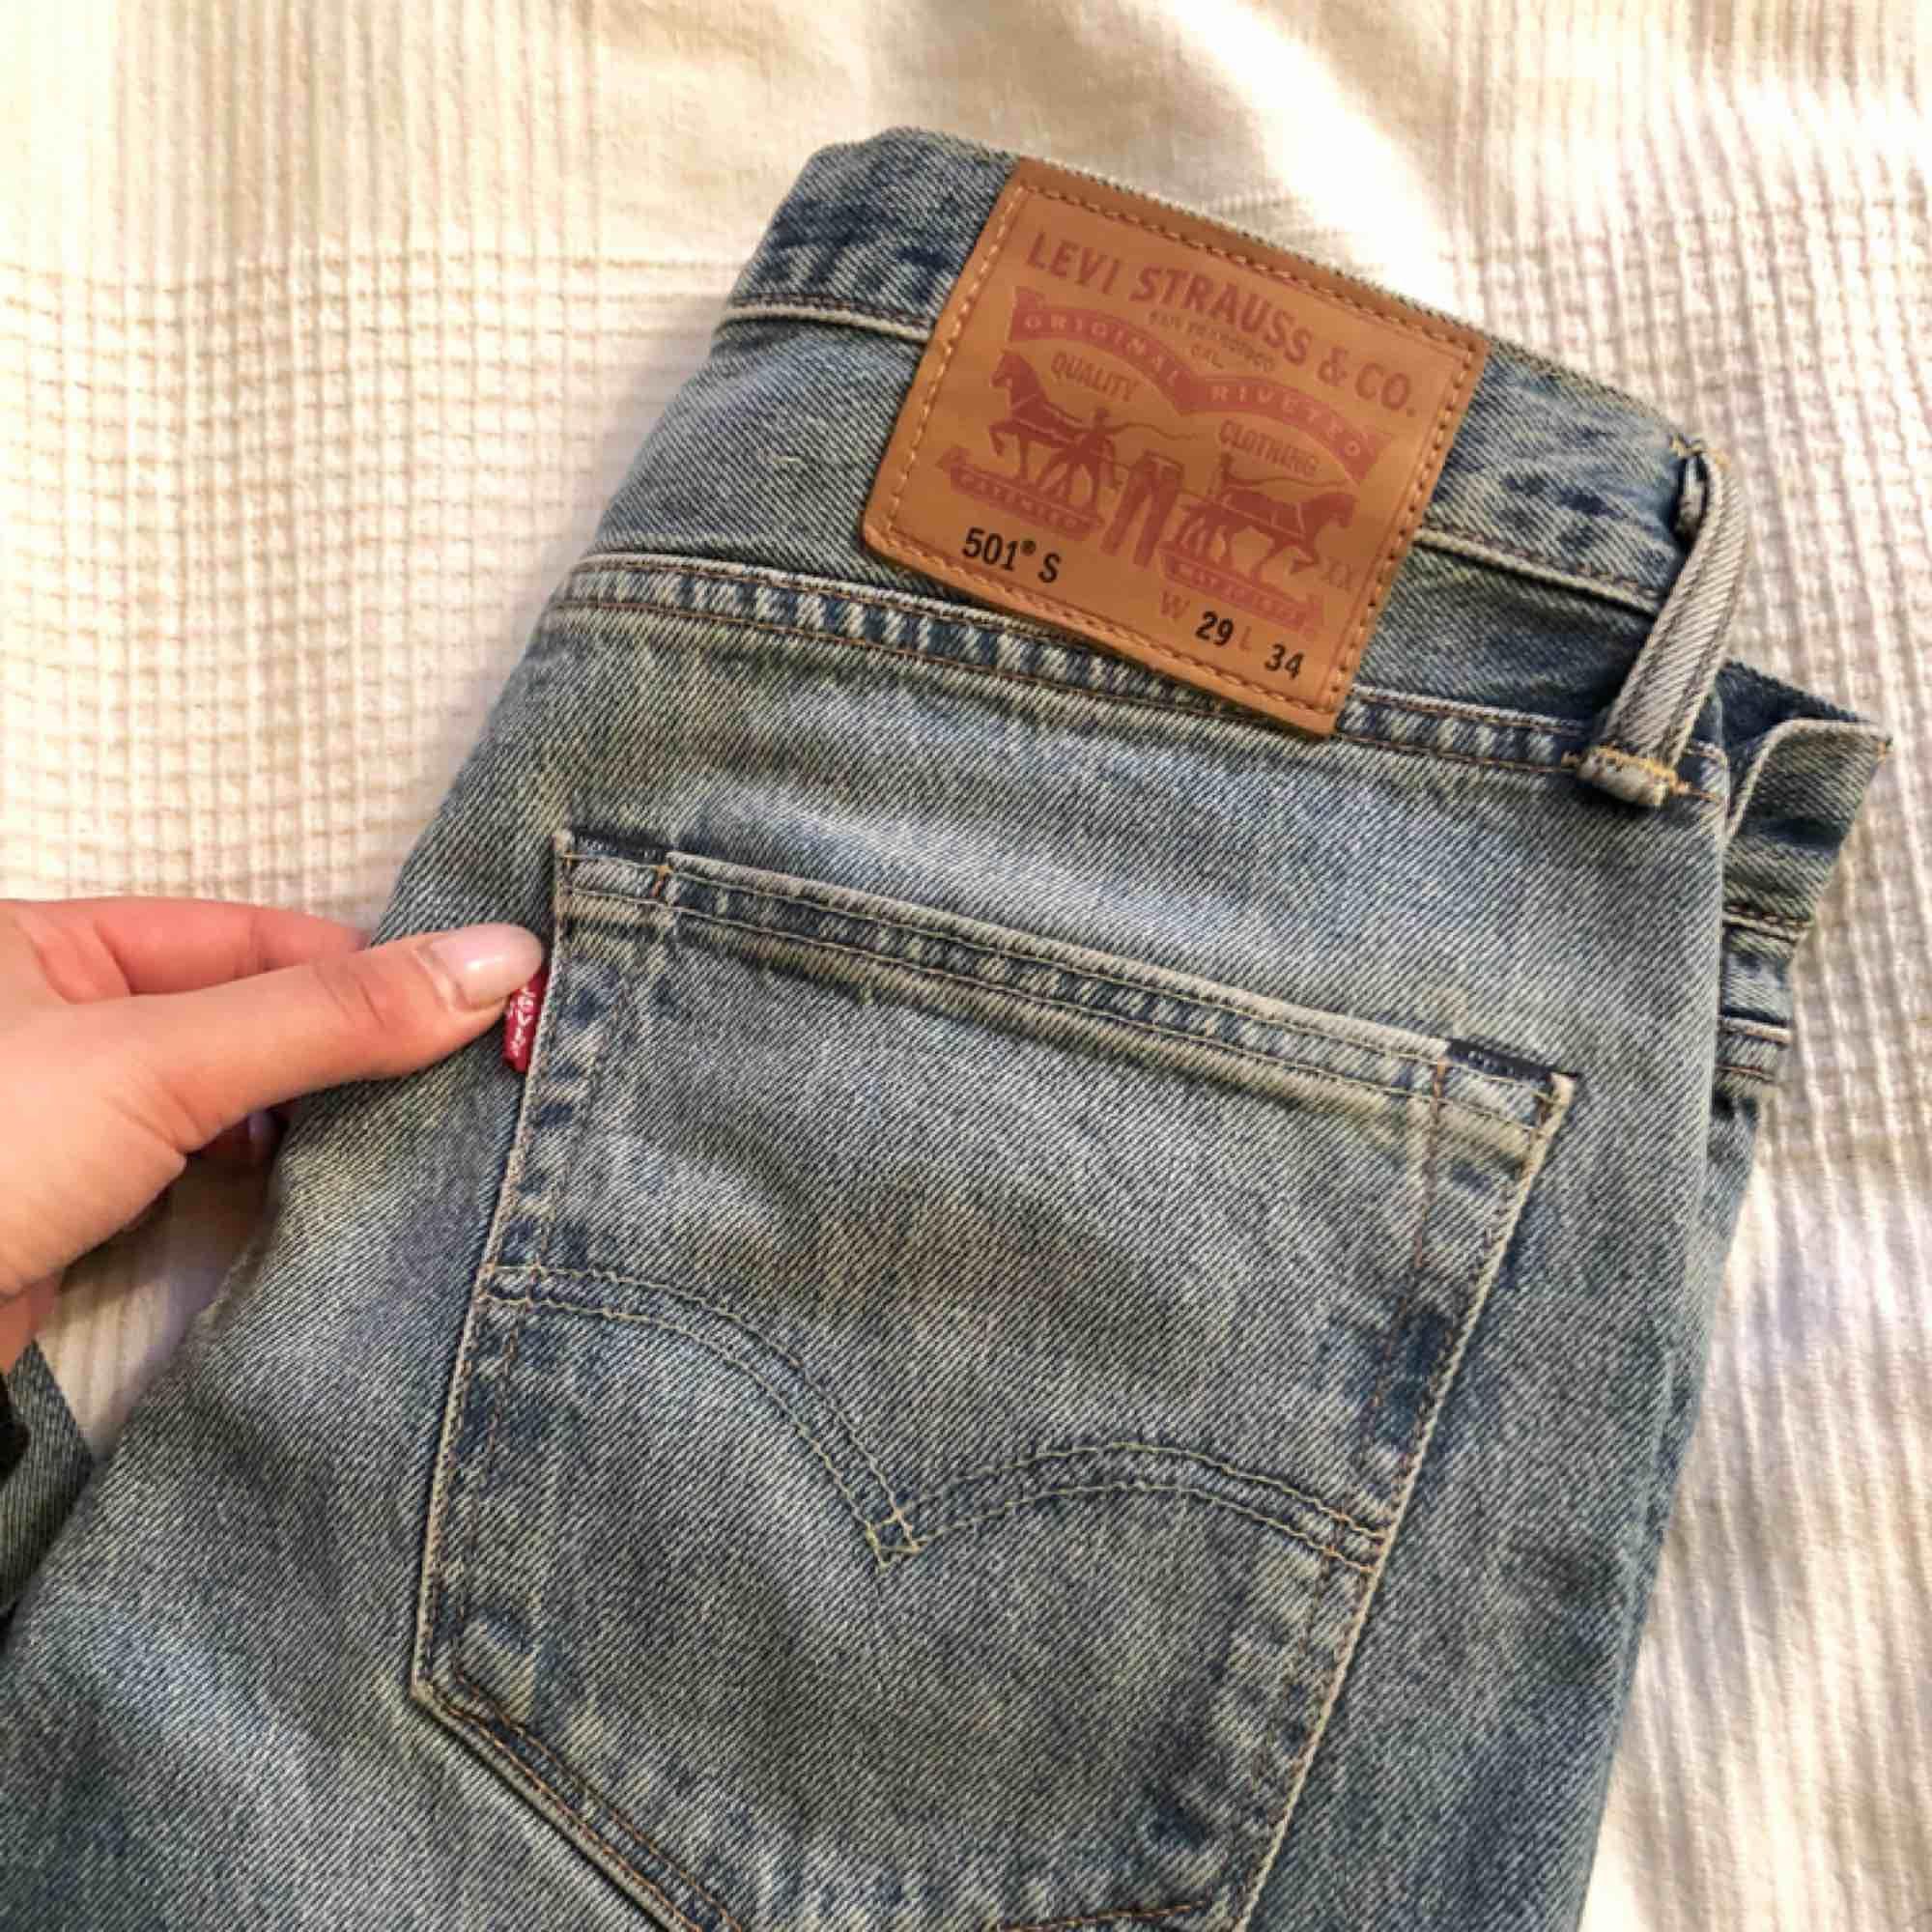 Levi's 501 Strl 29 (men passar en 26a eller liten 27a)    Mellanblå/ljusblå i färgen  Fint skick!  Avklippta nertill, lite fransiga    Köpta nyligen men min big booty får verkligen inte plats. Kan tyvärr inte erbjuda bättre än bilden på dockan :( :'(    . Jeans & Byxor.